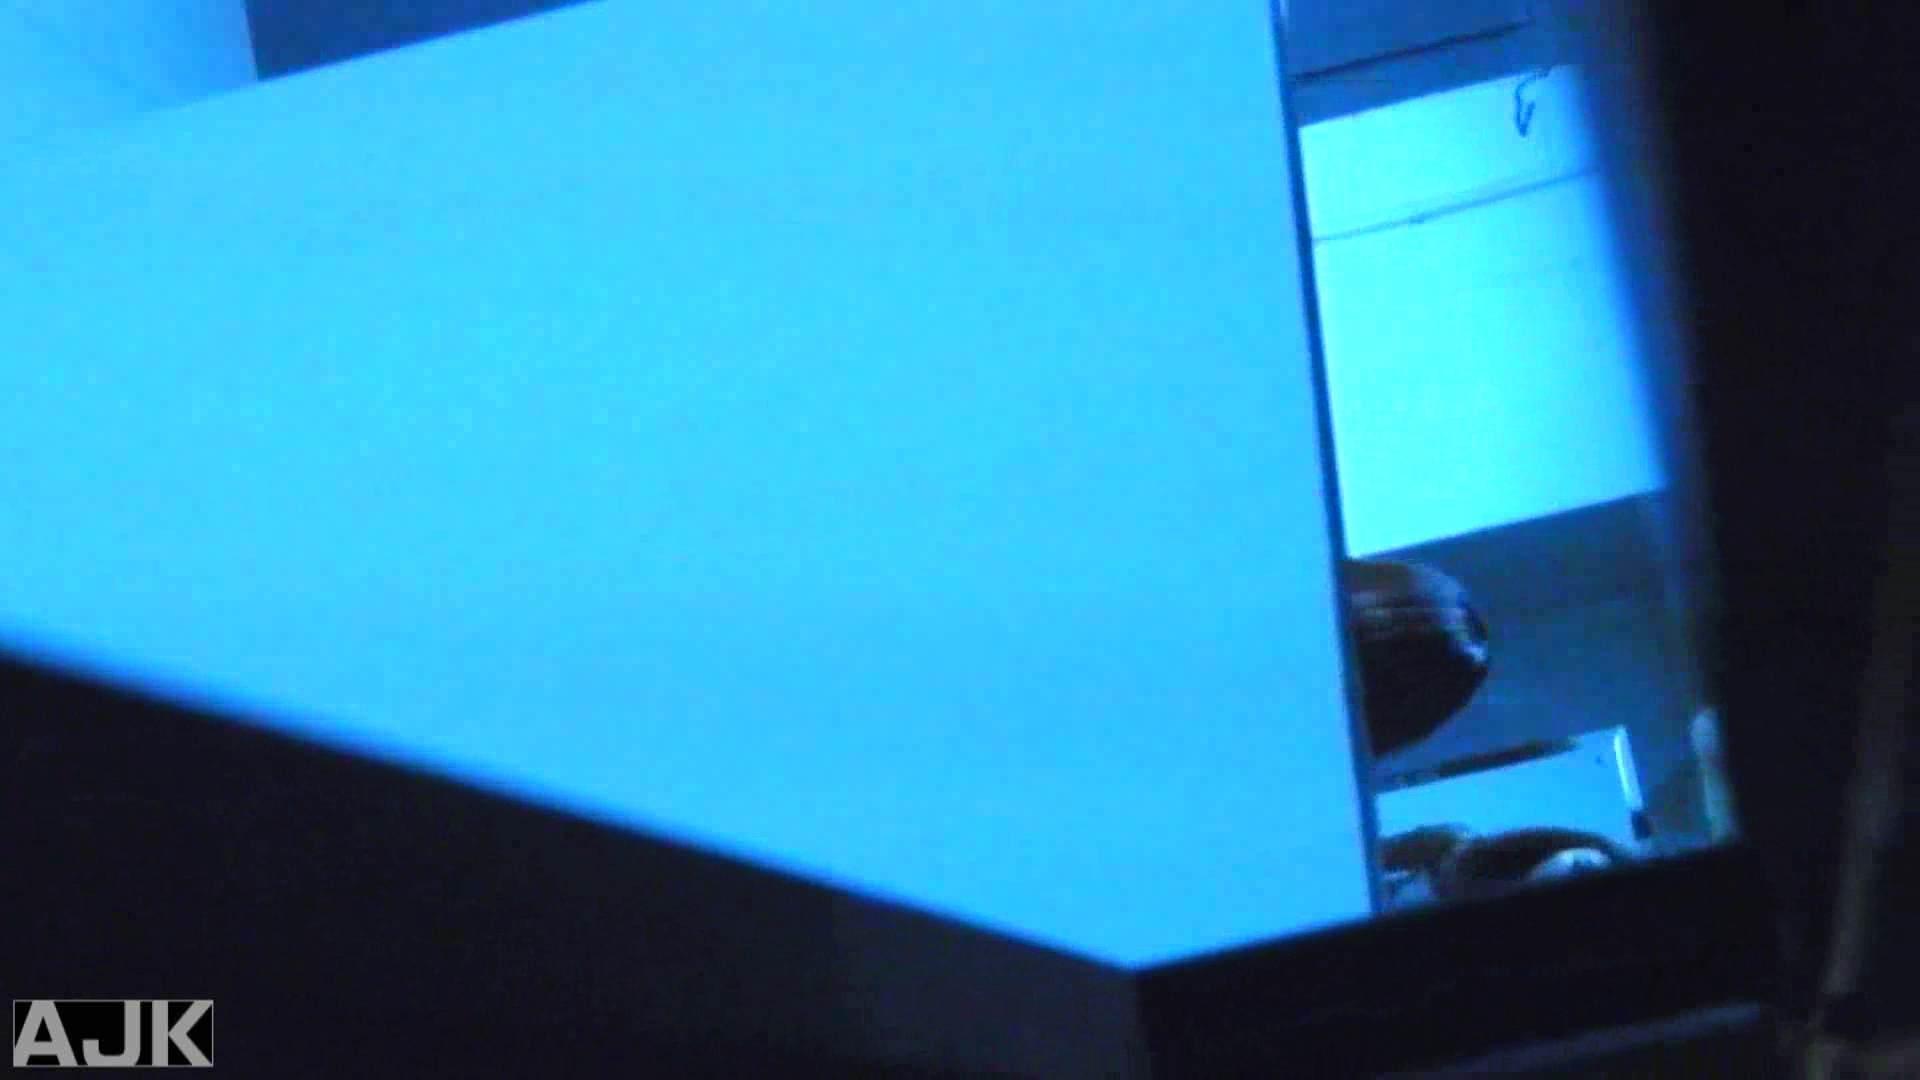 神降臨!史上最強の潜入かわや! vol.22 美女すけべ画像 おまんこ動画流出 56連発 11